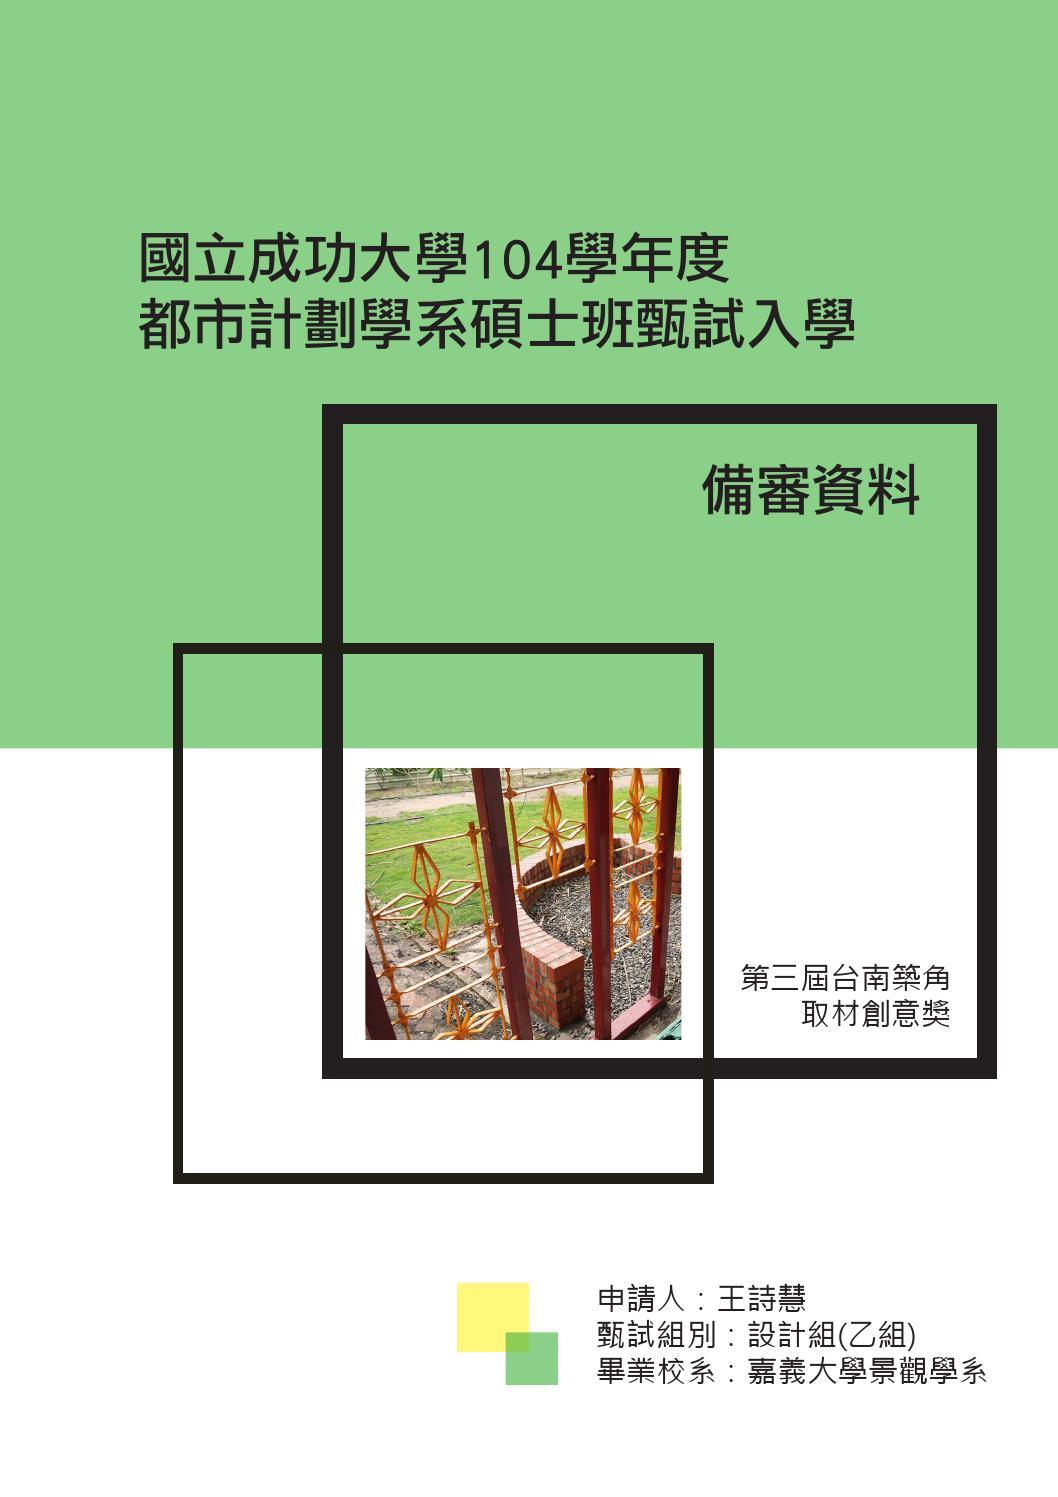 備審資料 by 王麵包 - Issuu